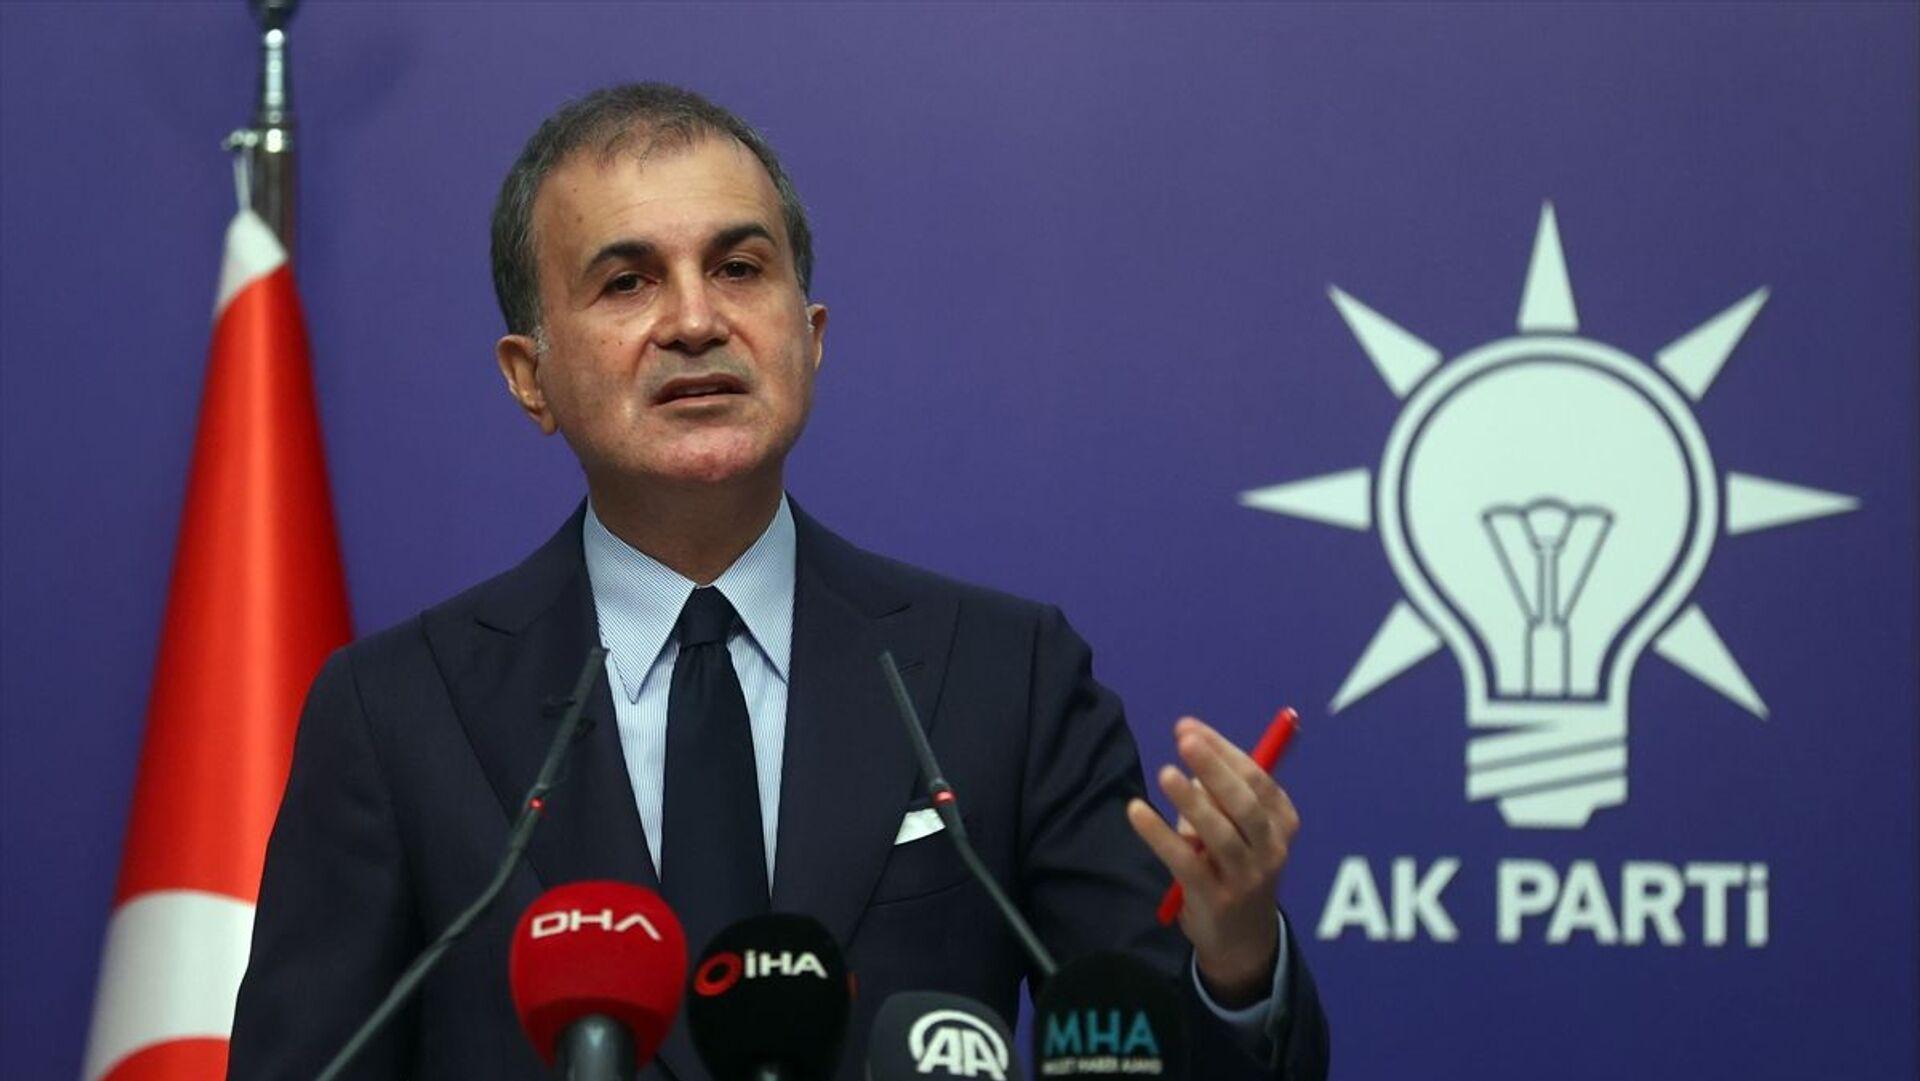 AK Parti Sözcüsü Ömer Çelik - Sputnik Türkiye, 1920, 09.08.2021